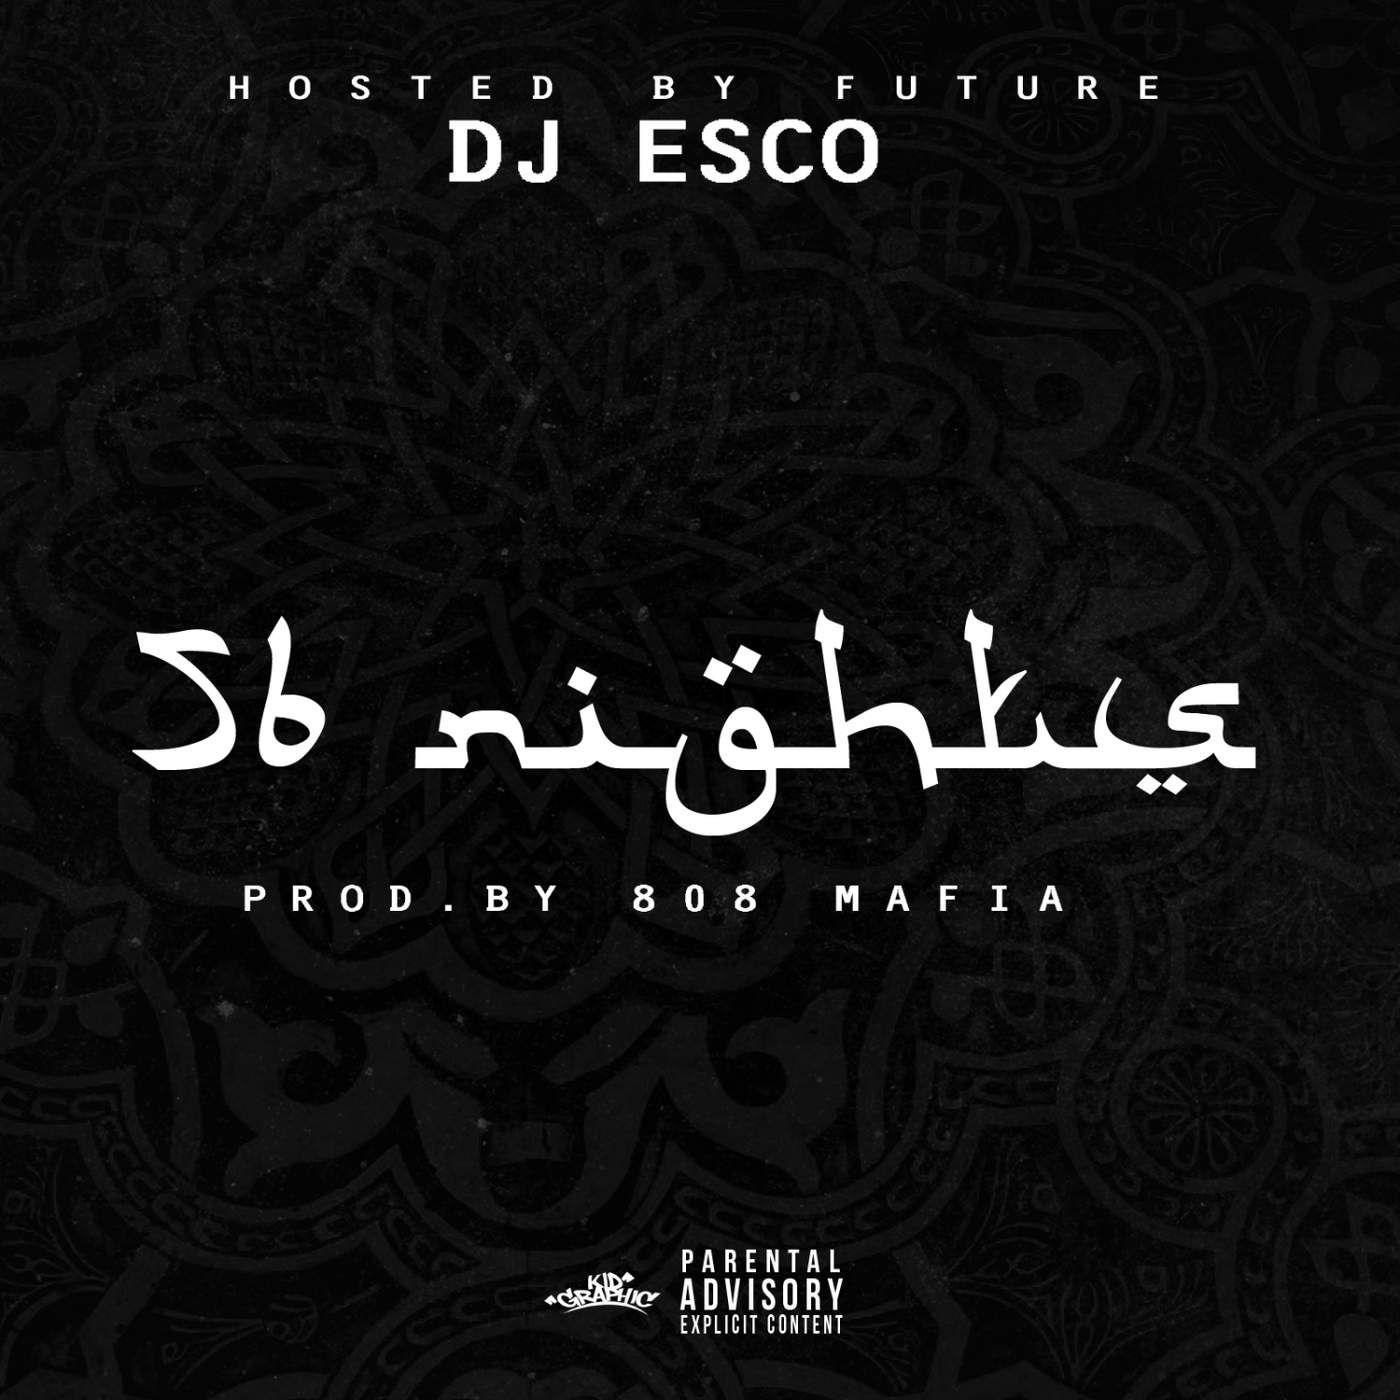 56 Nights